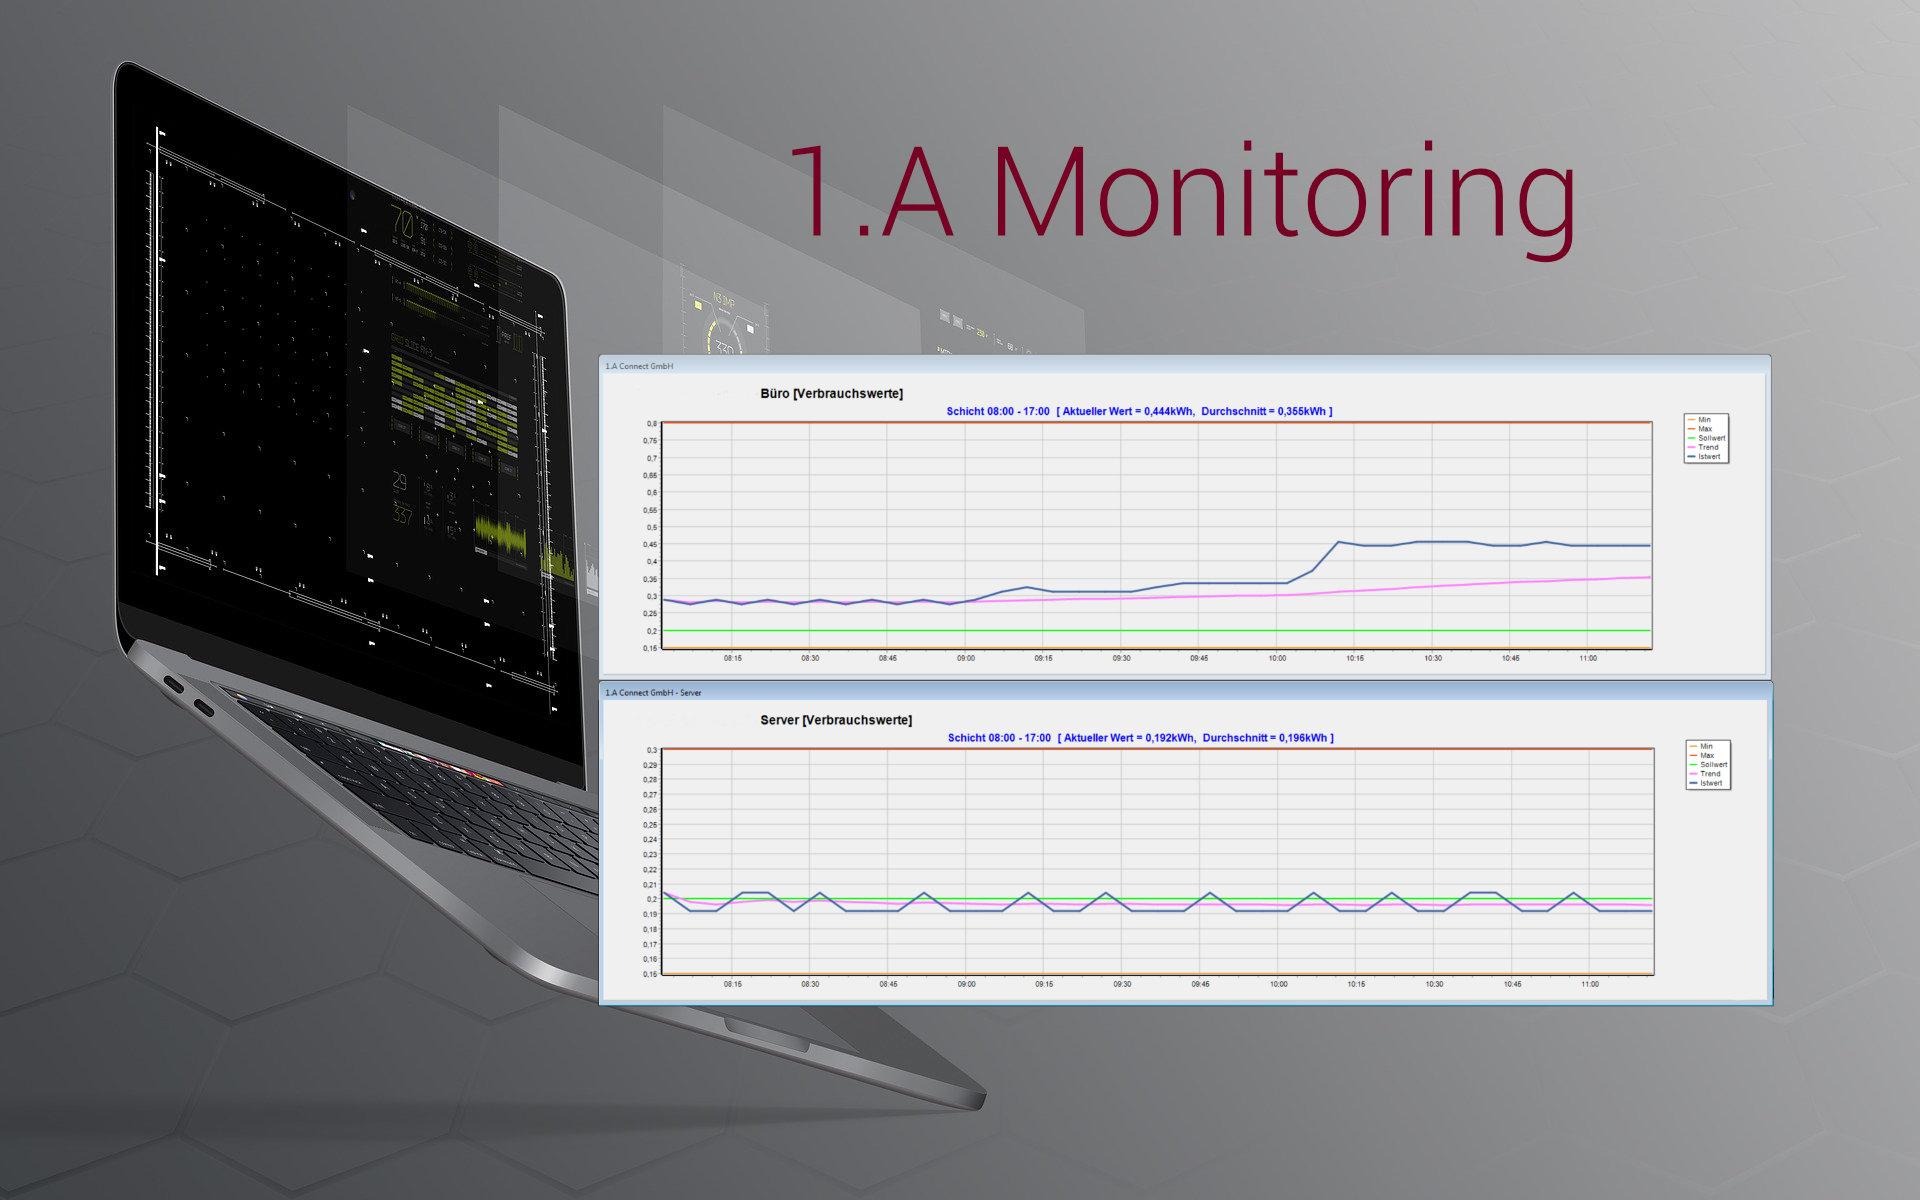 1.A Monitoring für die Industrie 4.0